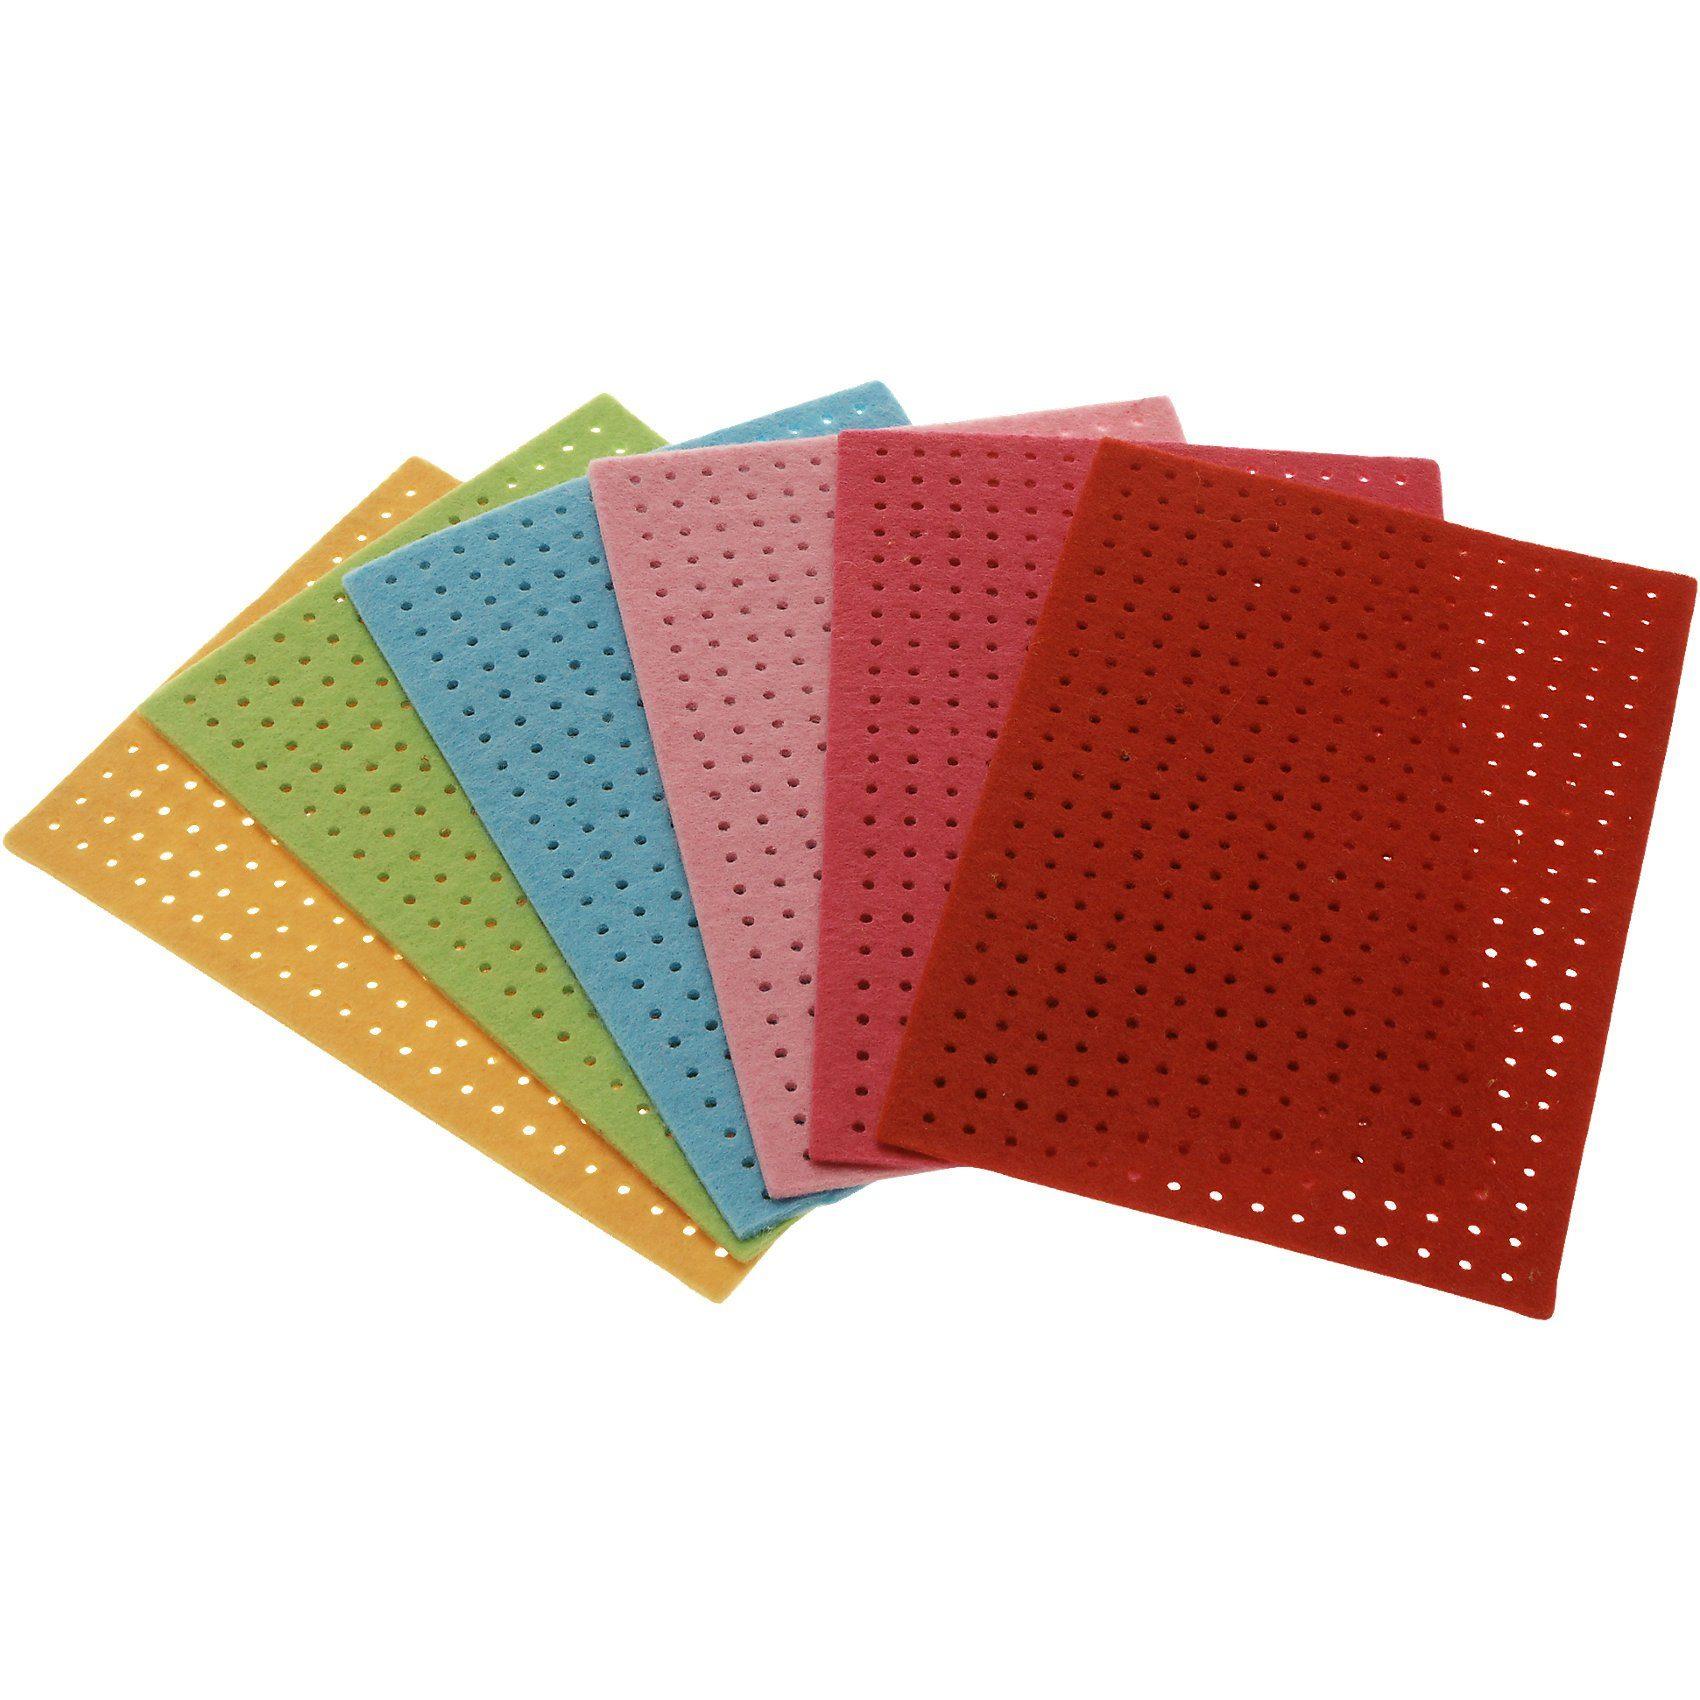 SUNNYSUE Filz-Stickplatten Erste Stickübungen, 6 Stück